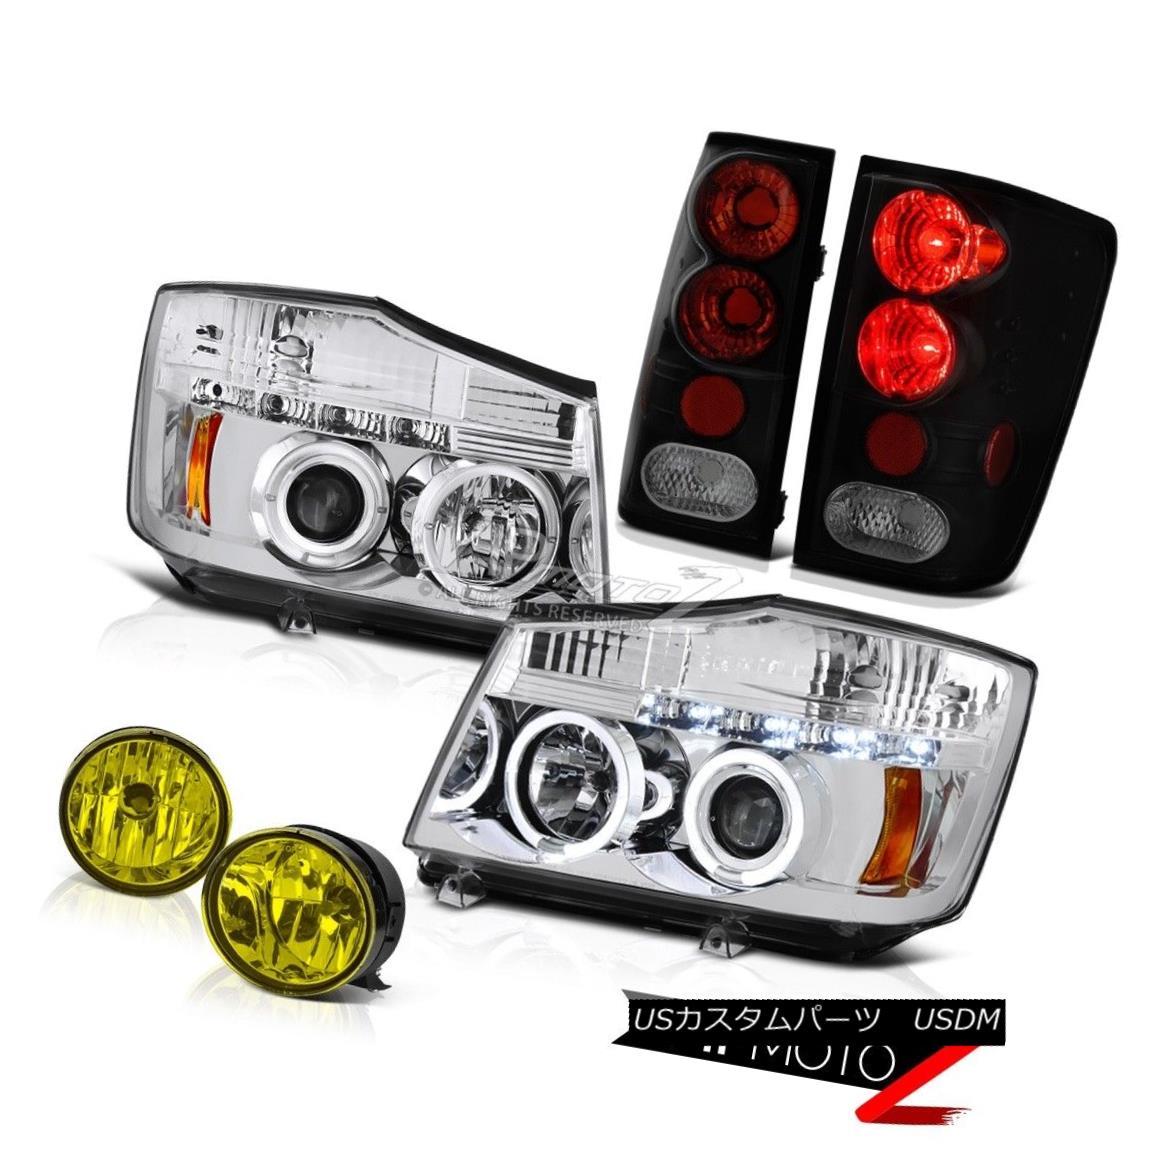 テールライト For 04-15 Titan XE Clear Halo Rim Headlight Smoke Tail Light Yellow Driving Fog 04-15タイタンXEクリアヘリオリムヘッドライトスモークテールライトイエロードライビングフォグ